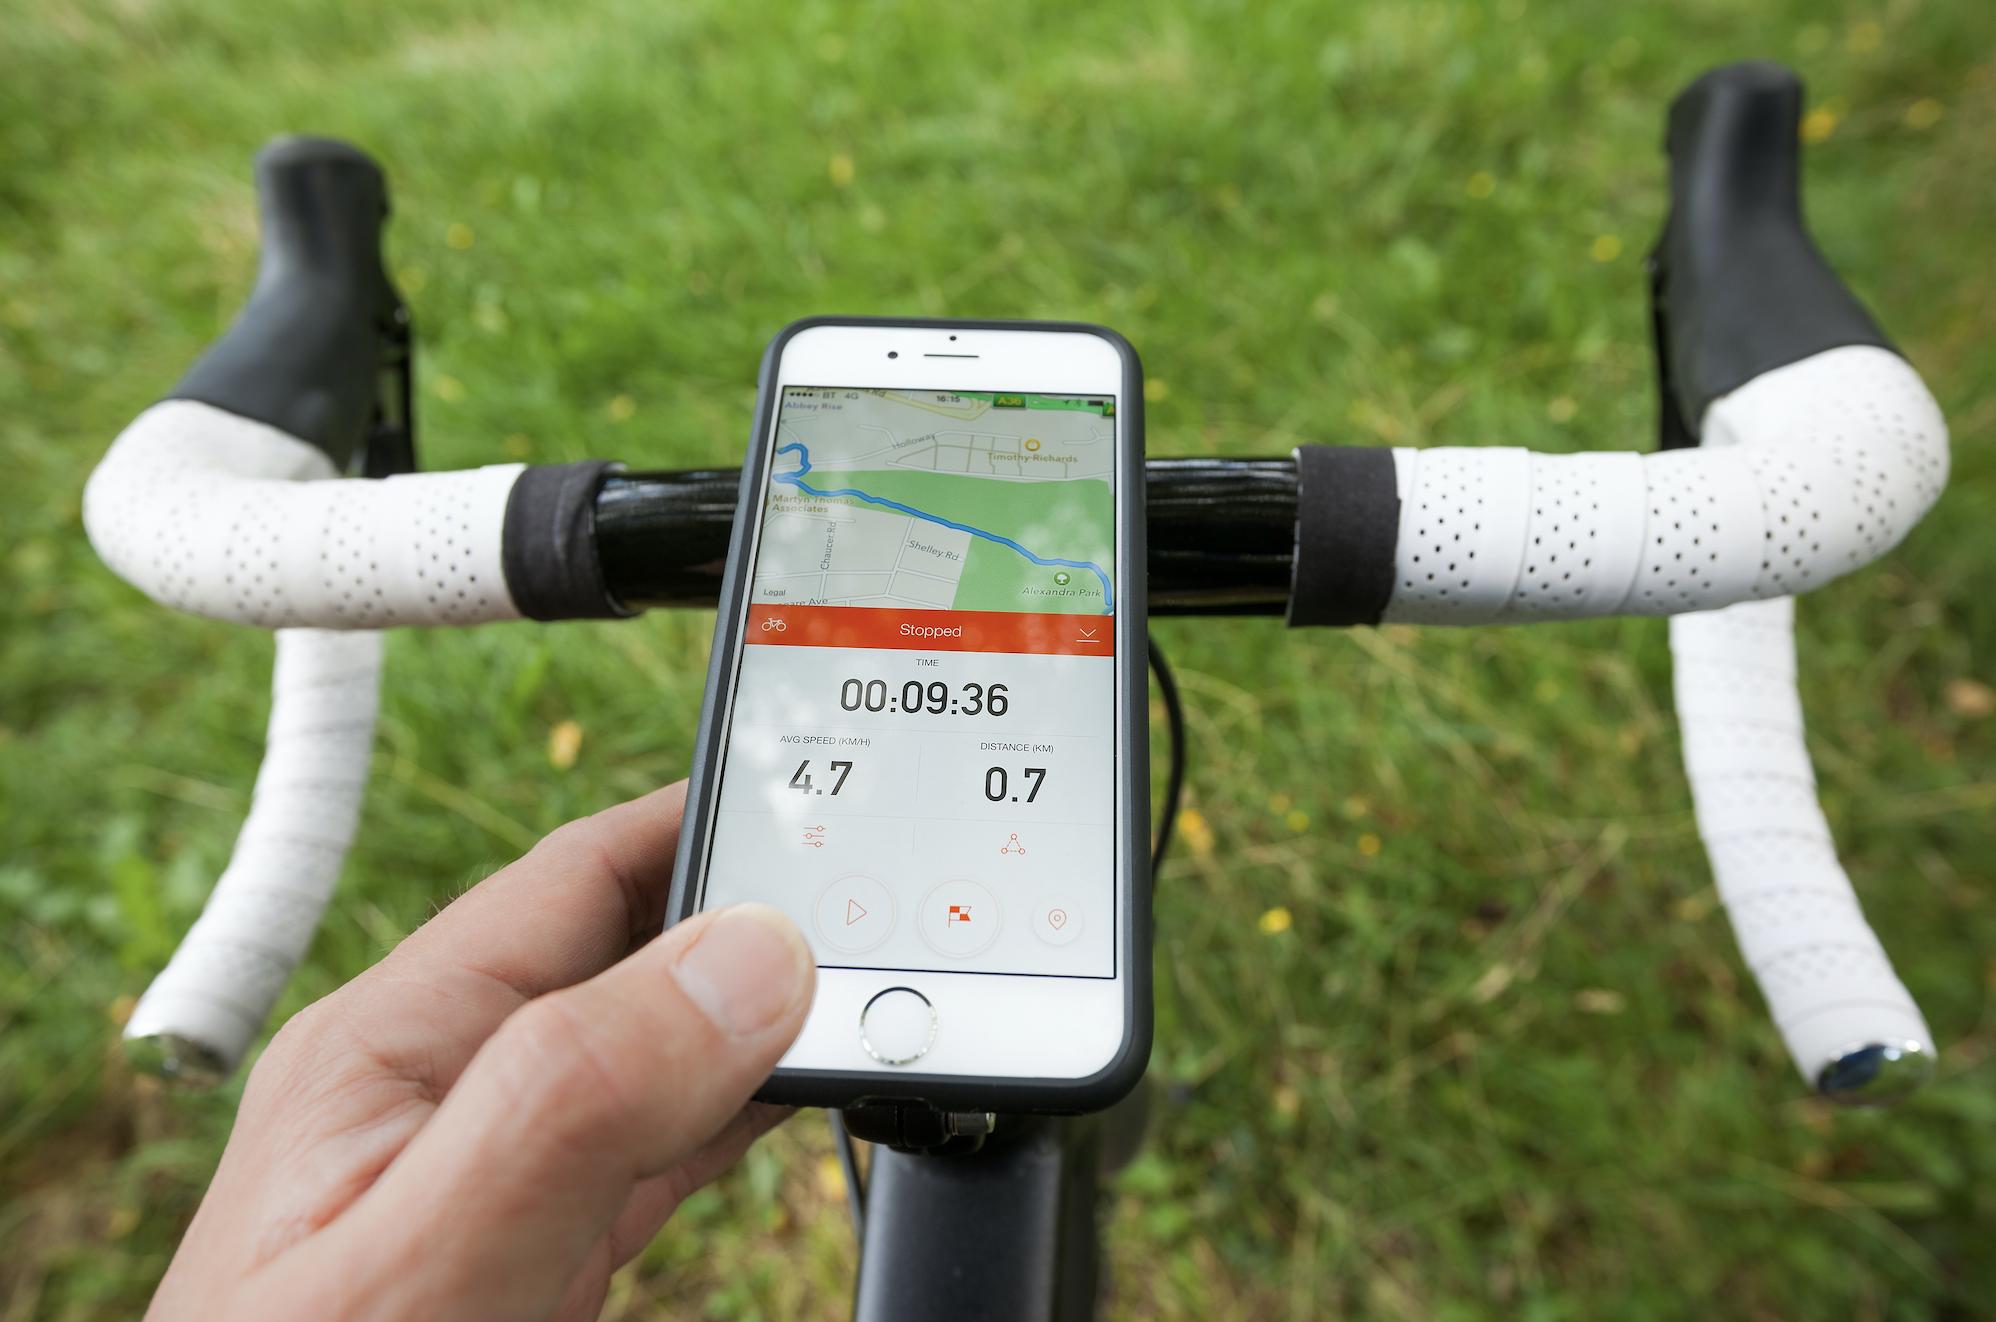 あなたのロードバイクに最適なiPhoneホルダーを見つけよう!オススメ5選